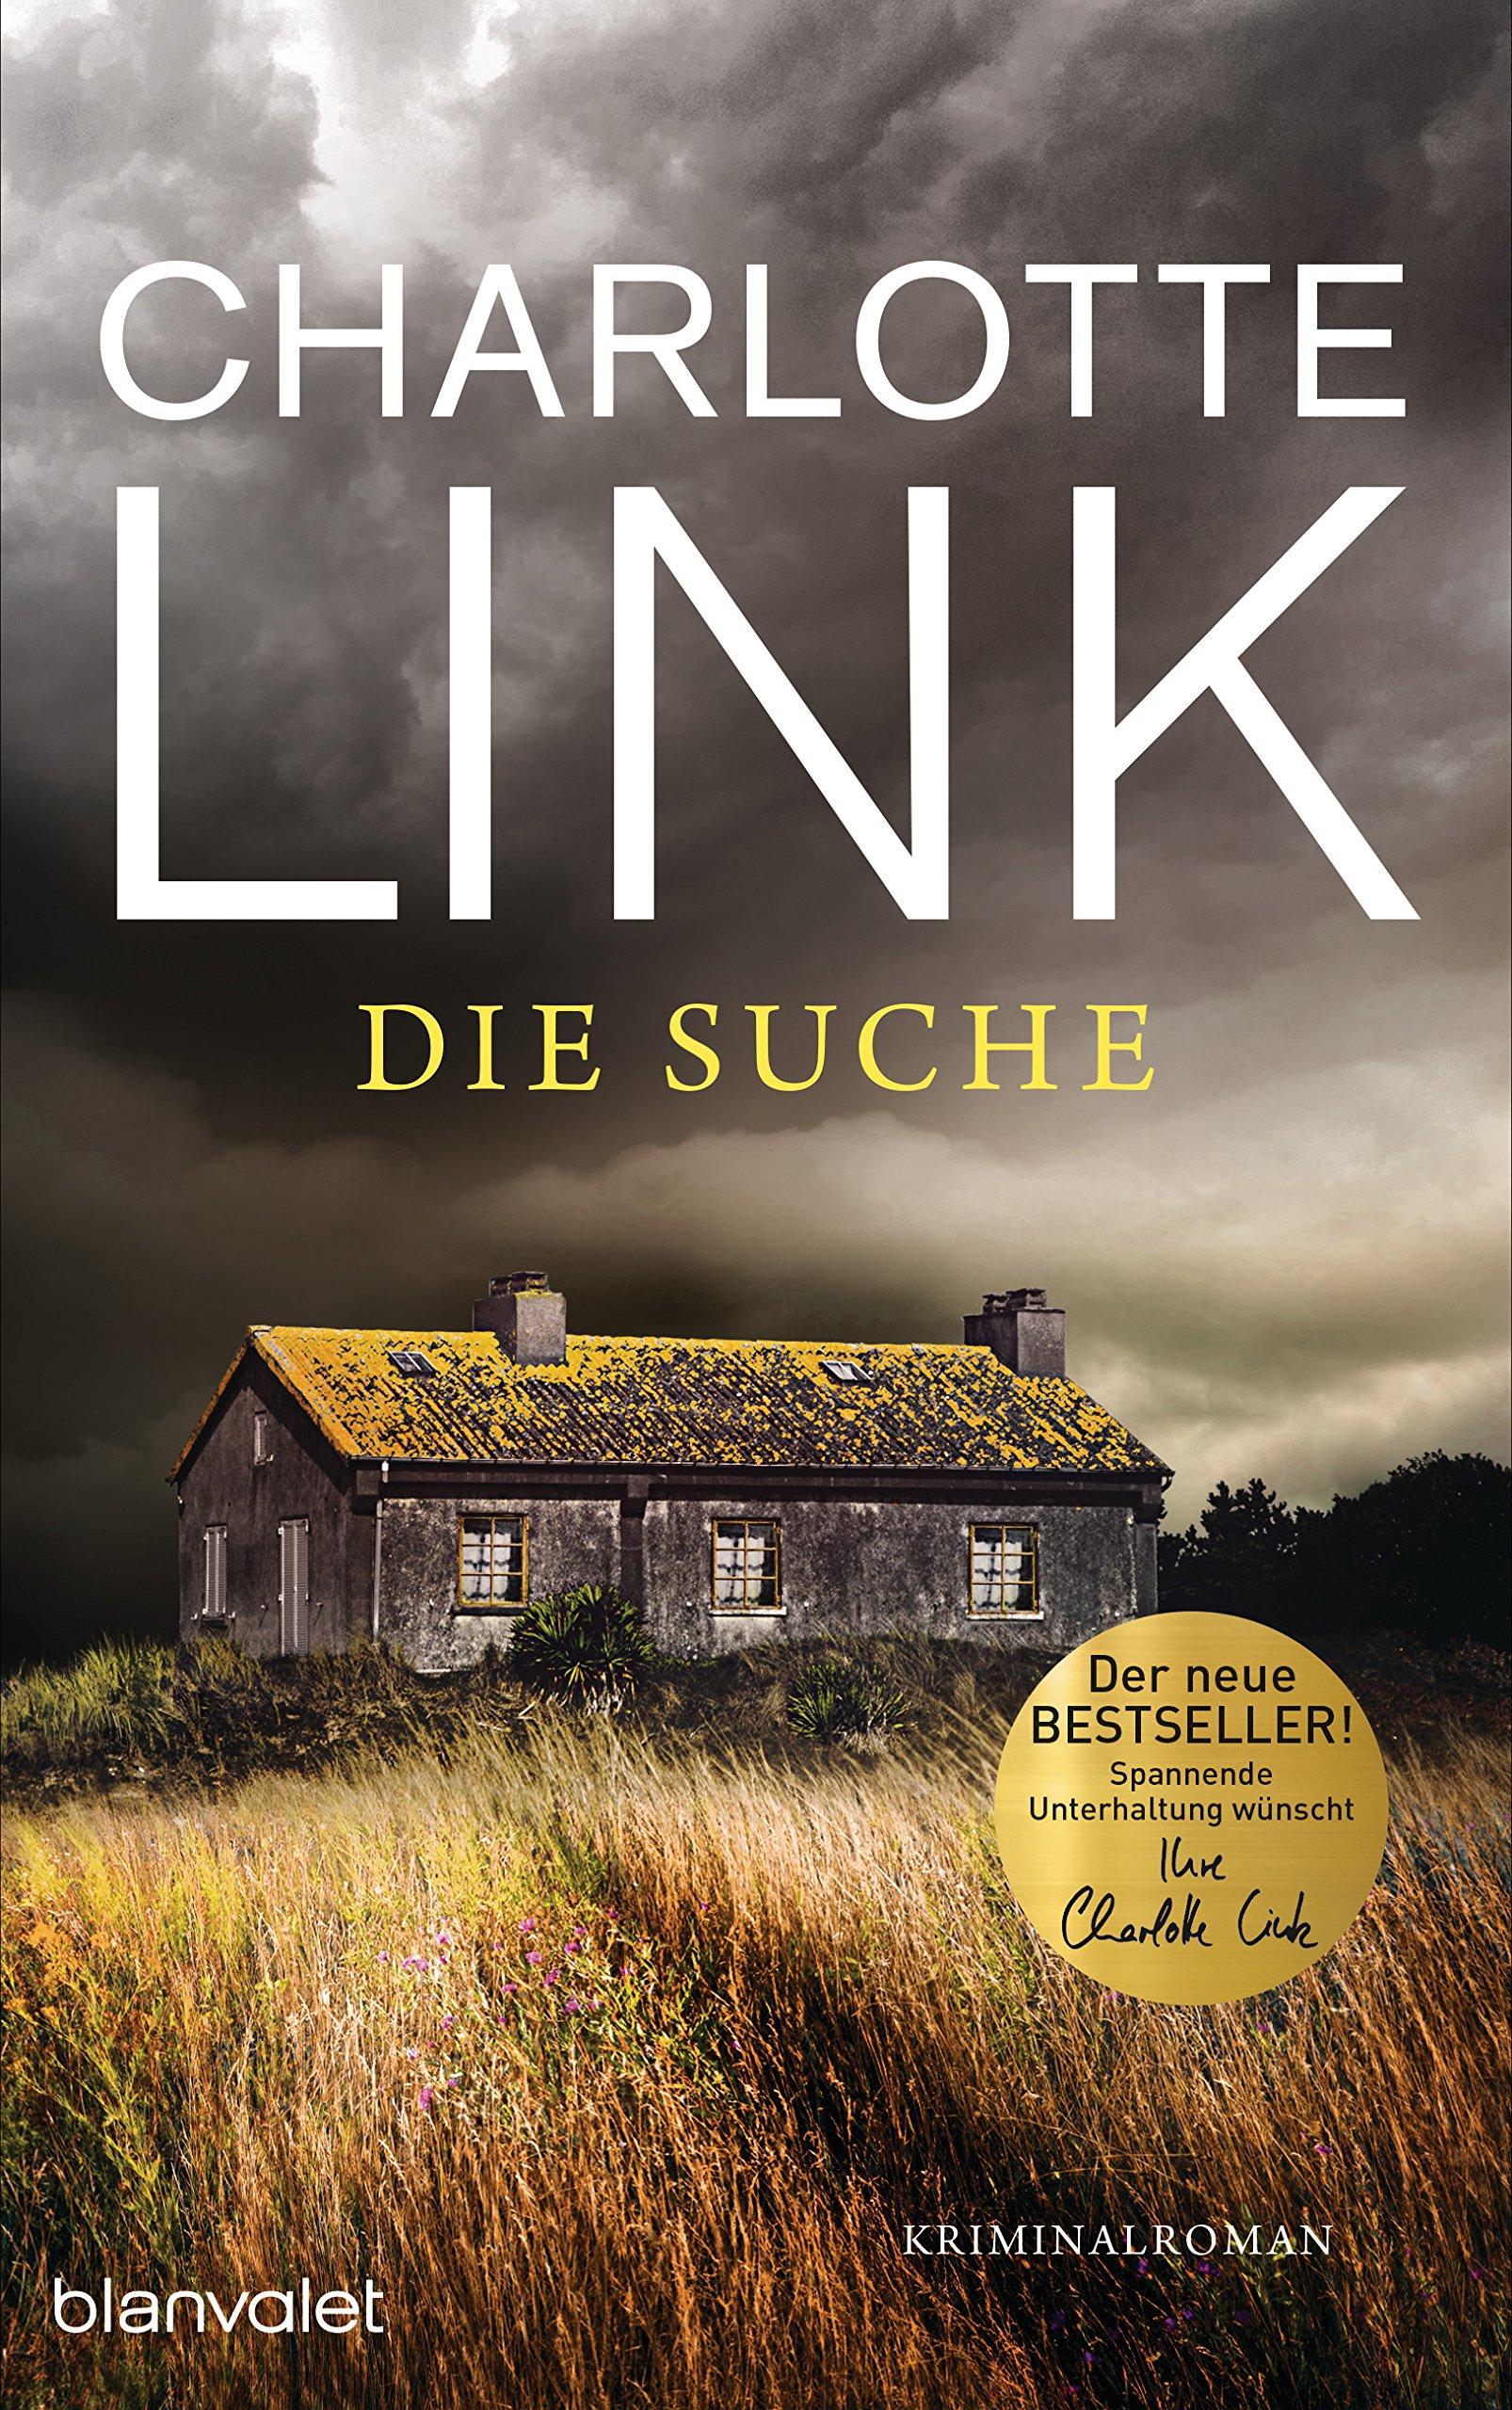 Die Suche: Kriminalroman Gebundenes Buch – 1. Oktober 2018 Charlotte Link Blanvalet Verlag 3764504420 Belletristik / Kriminalromane